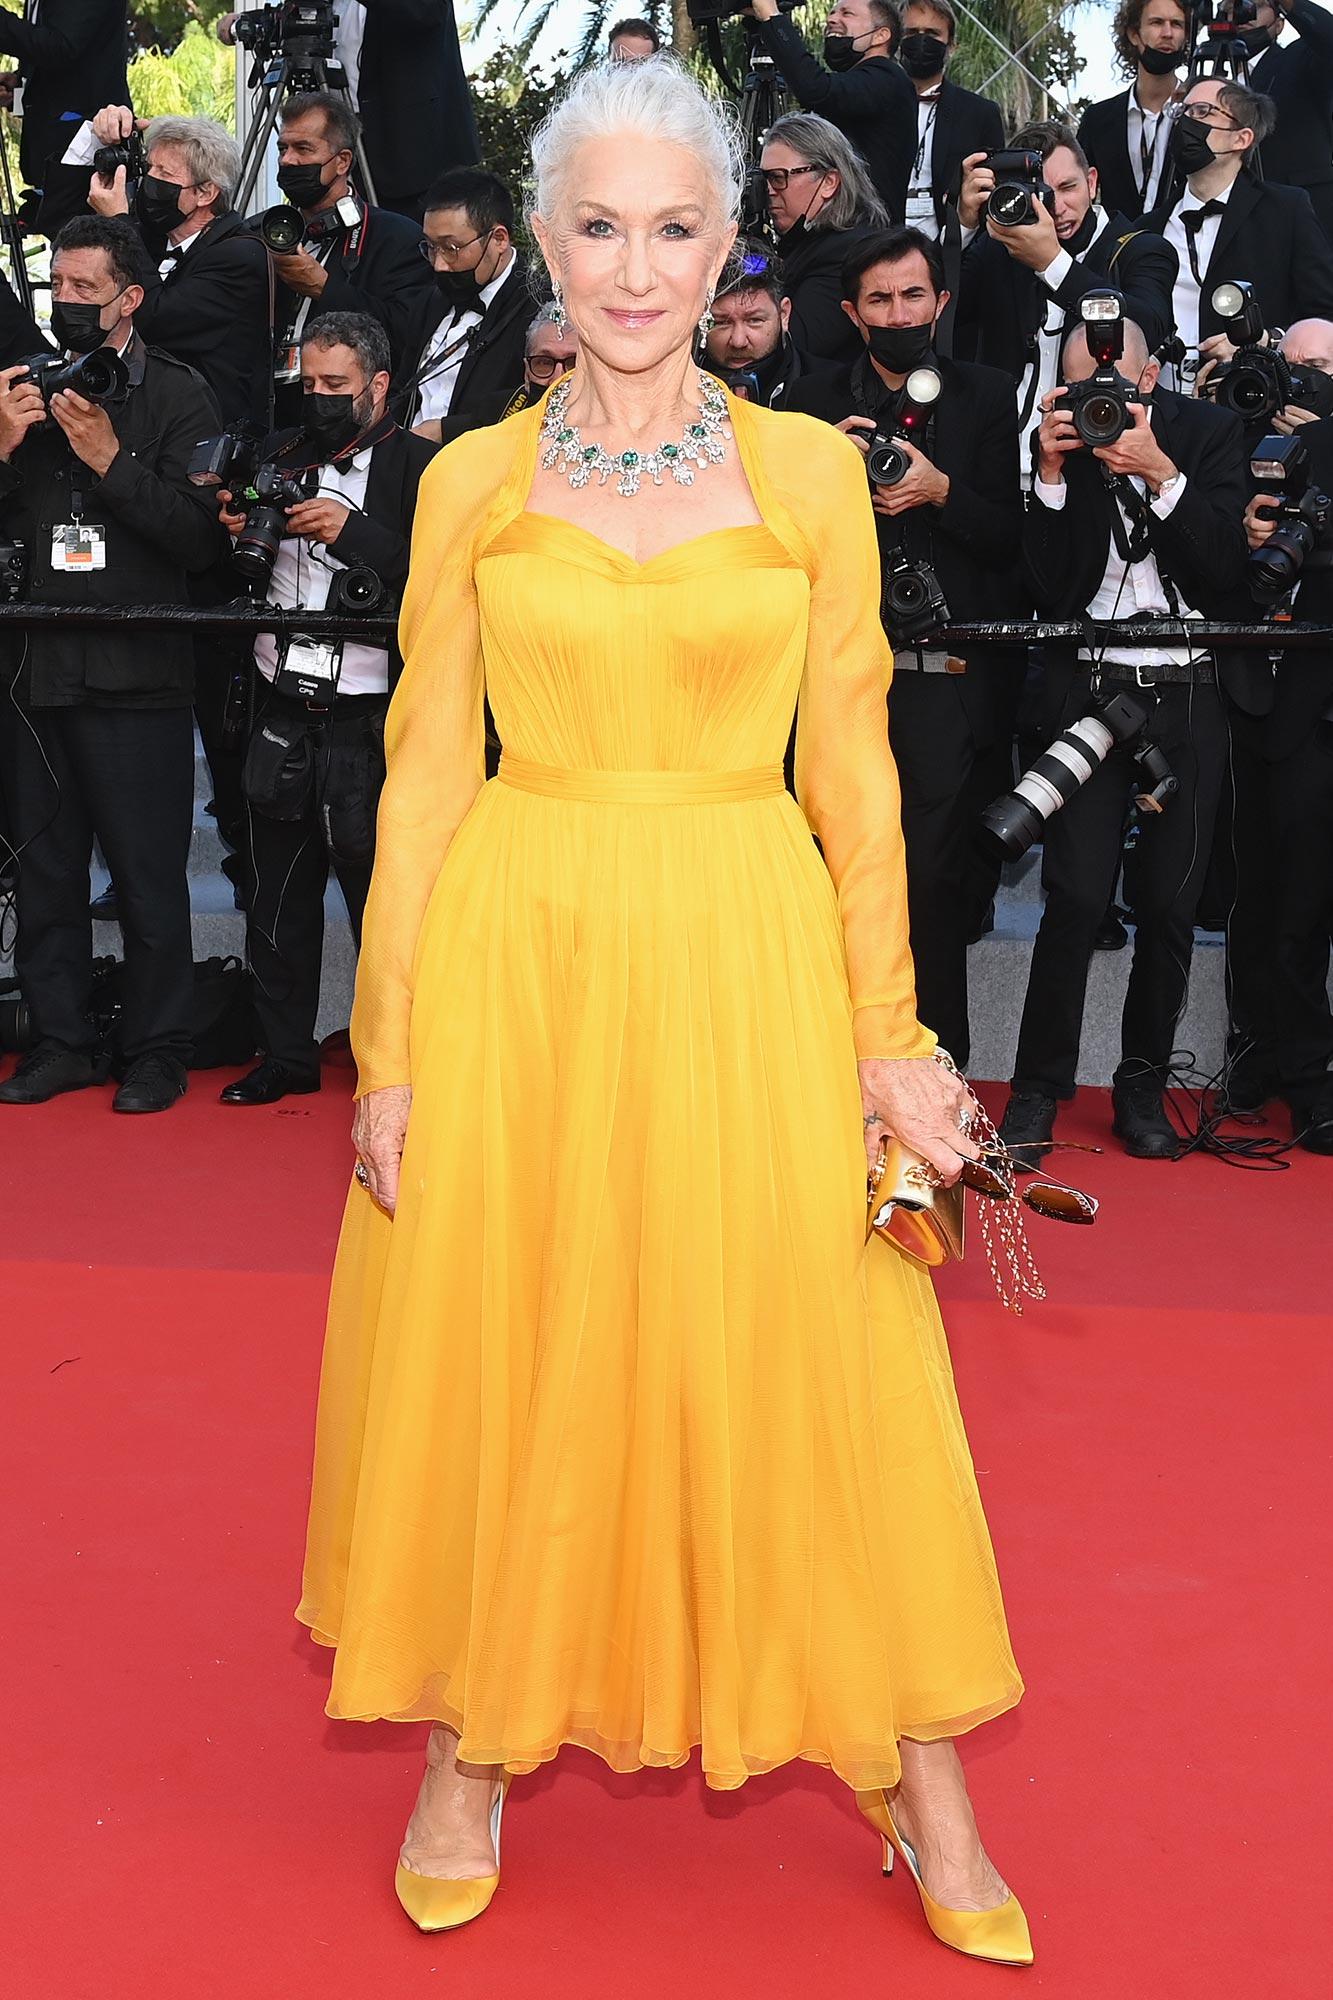 Cannes 2021 Red Carpet- Helen Mirren